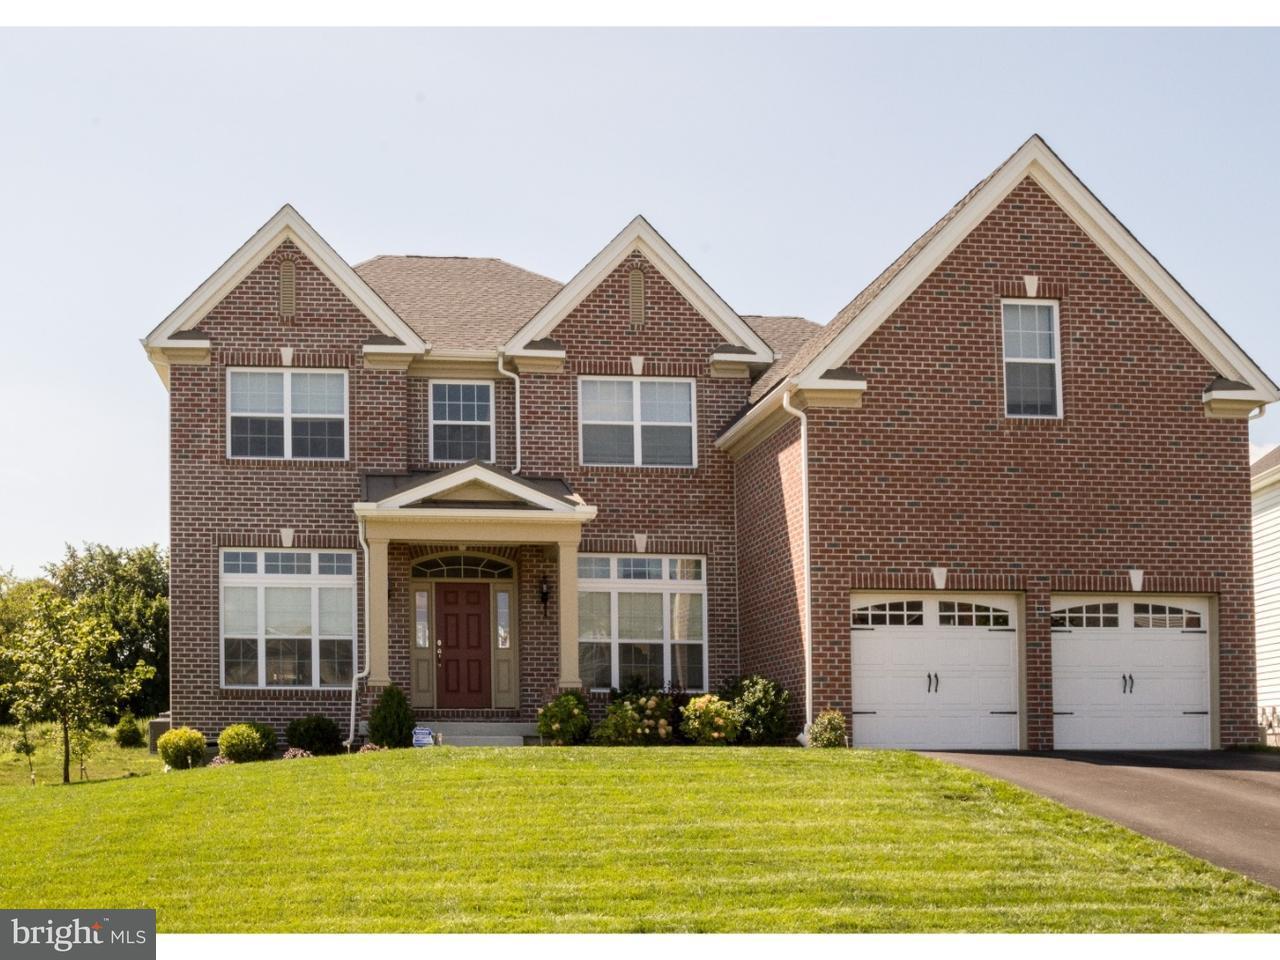 Einfamilienhaus für Verkauf beim 1241 CAITLIN WAY New Castle, Delaware 19720 Vereinigte Staaten